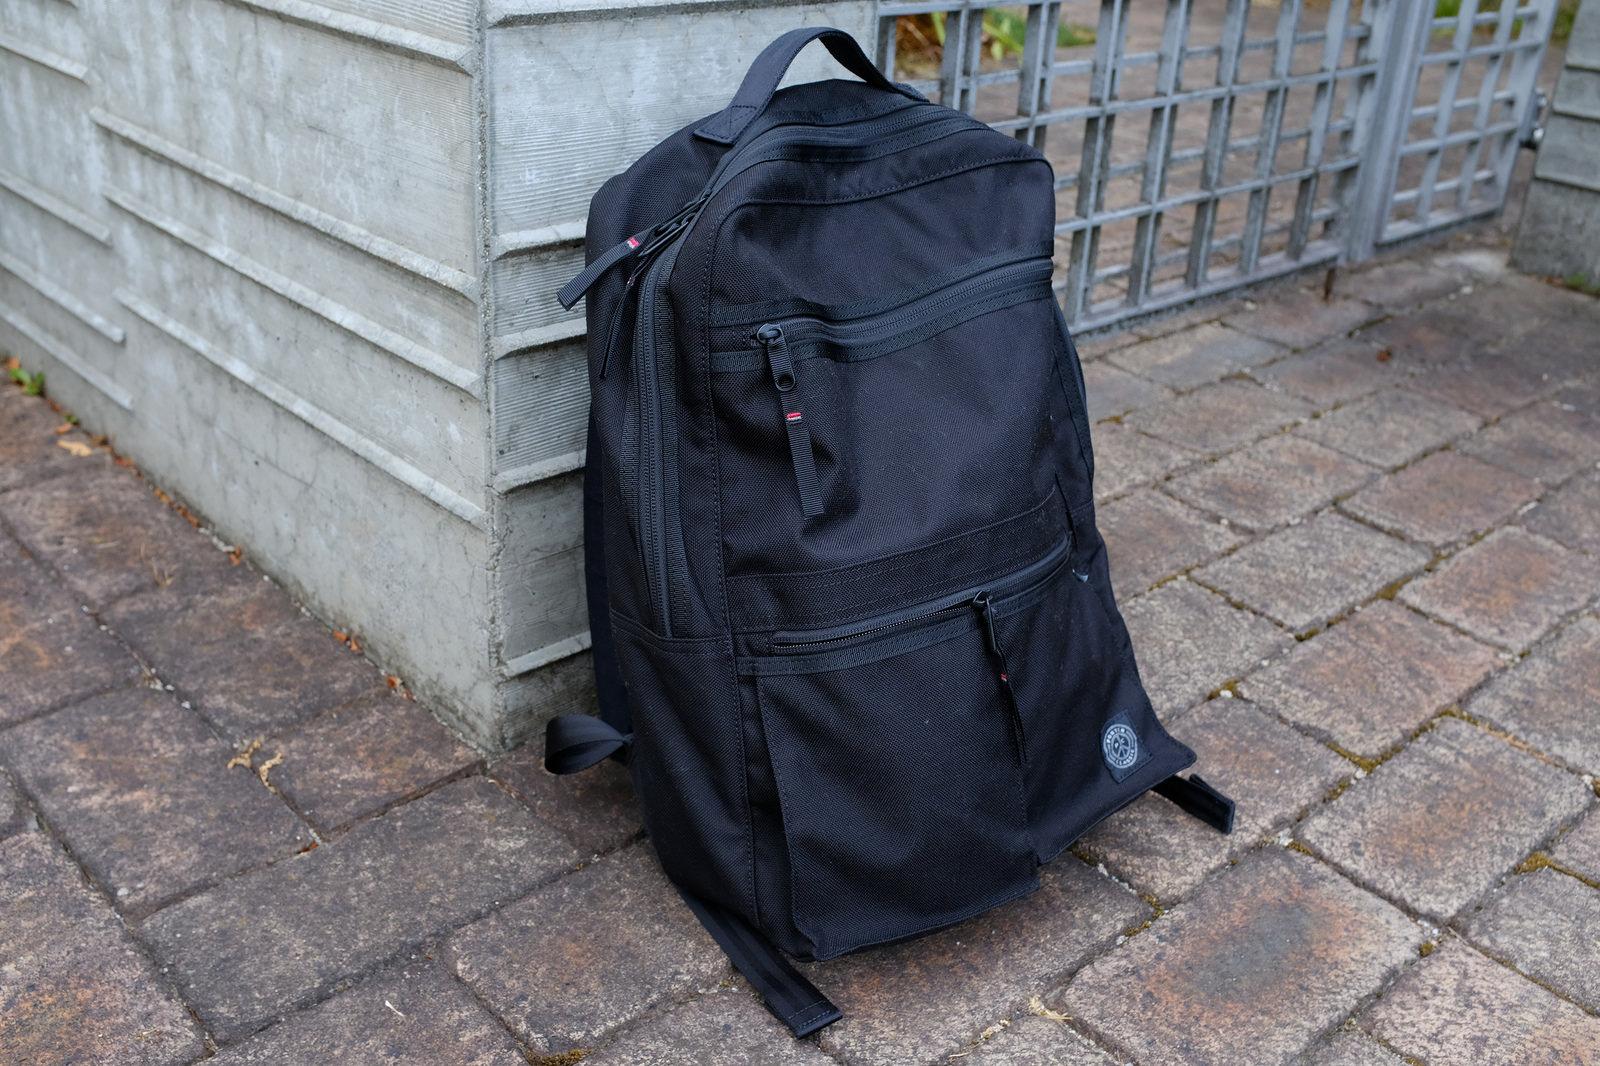 b6bdfa319c3f ポータークラシック ニュートンバッグのビジネスリュックはスーツ ...